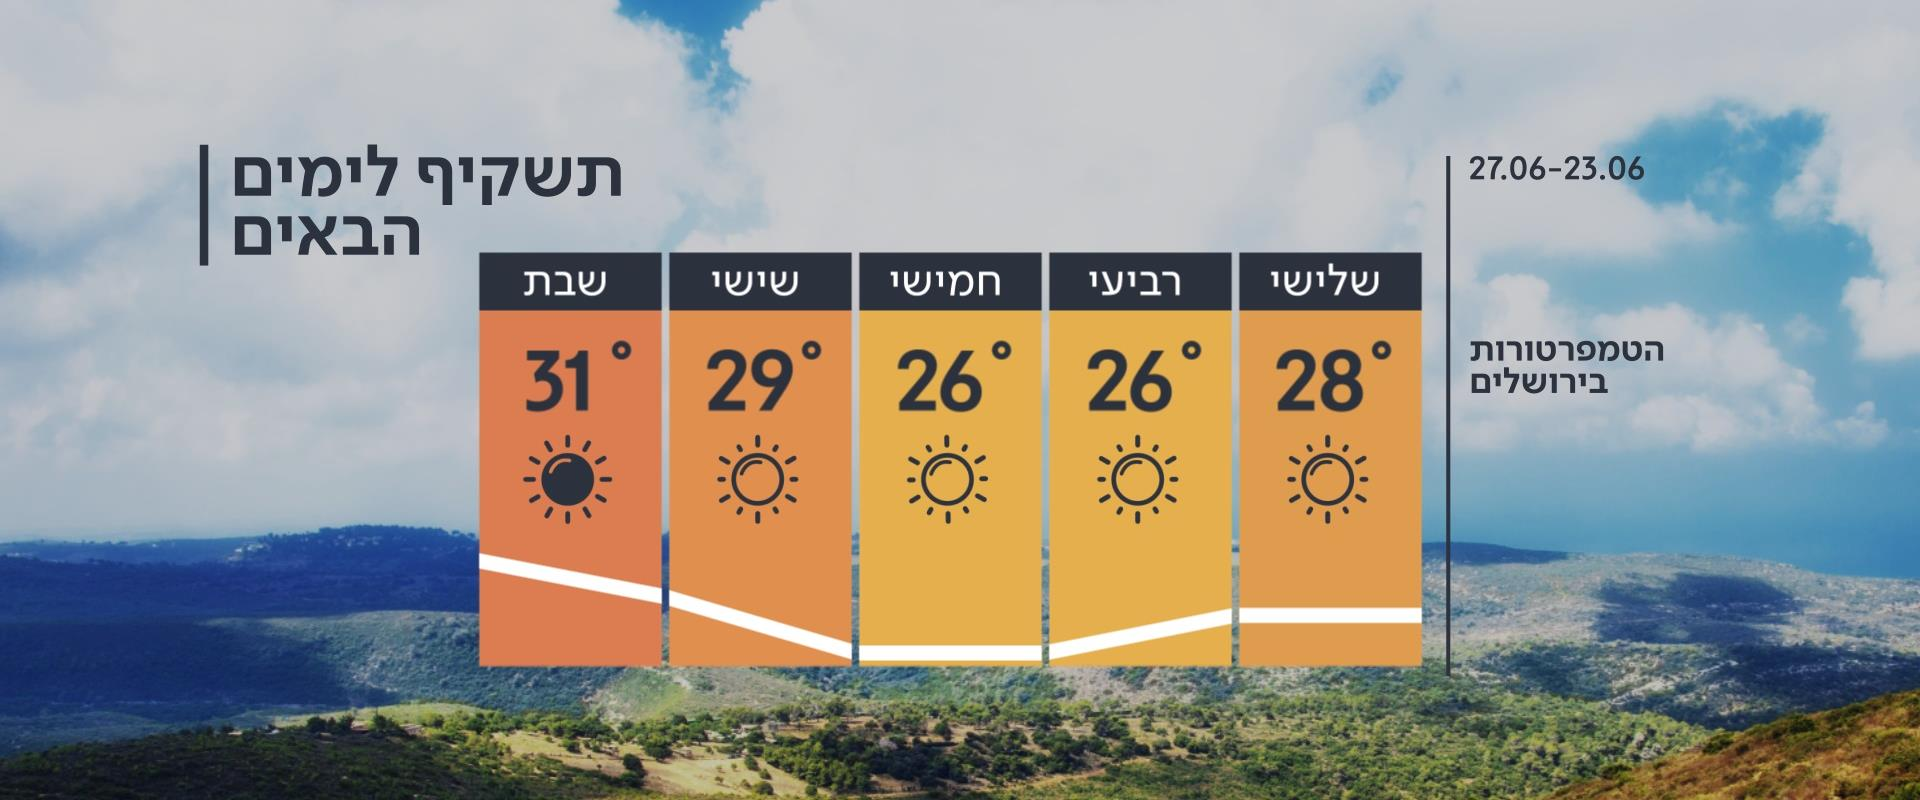 התחזית 23.06.20: ירידה בטמפרטורות, בסוף השבוע - הת